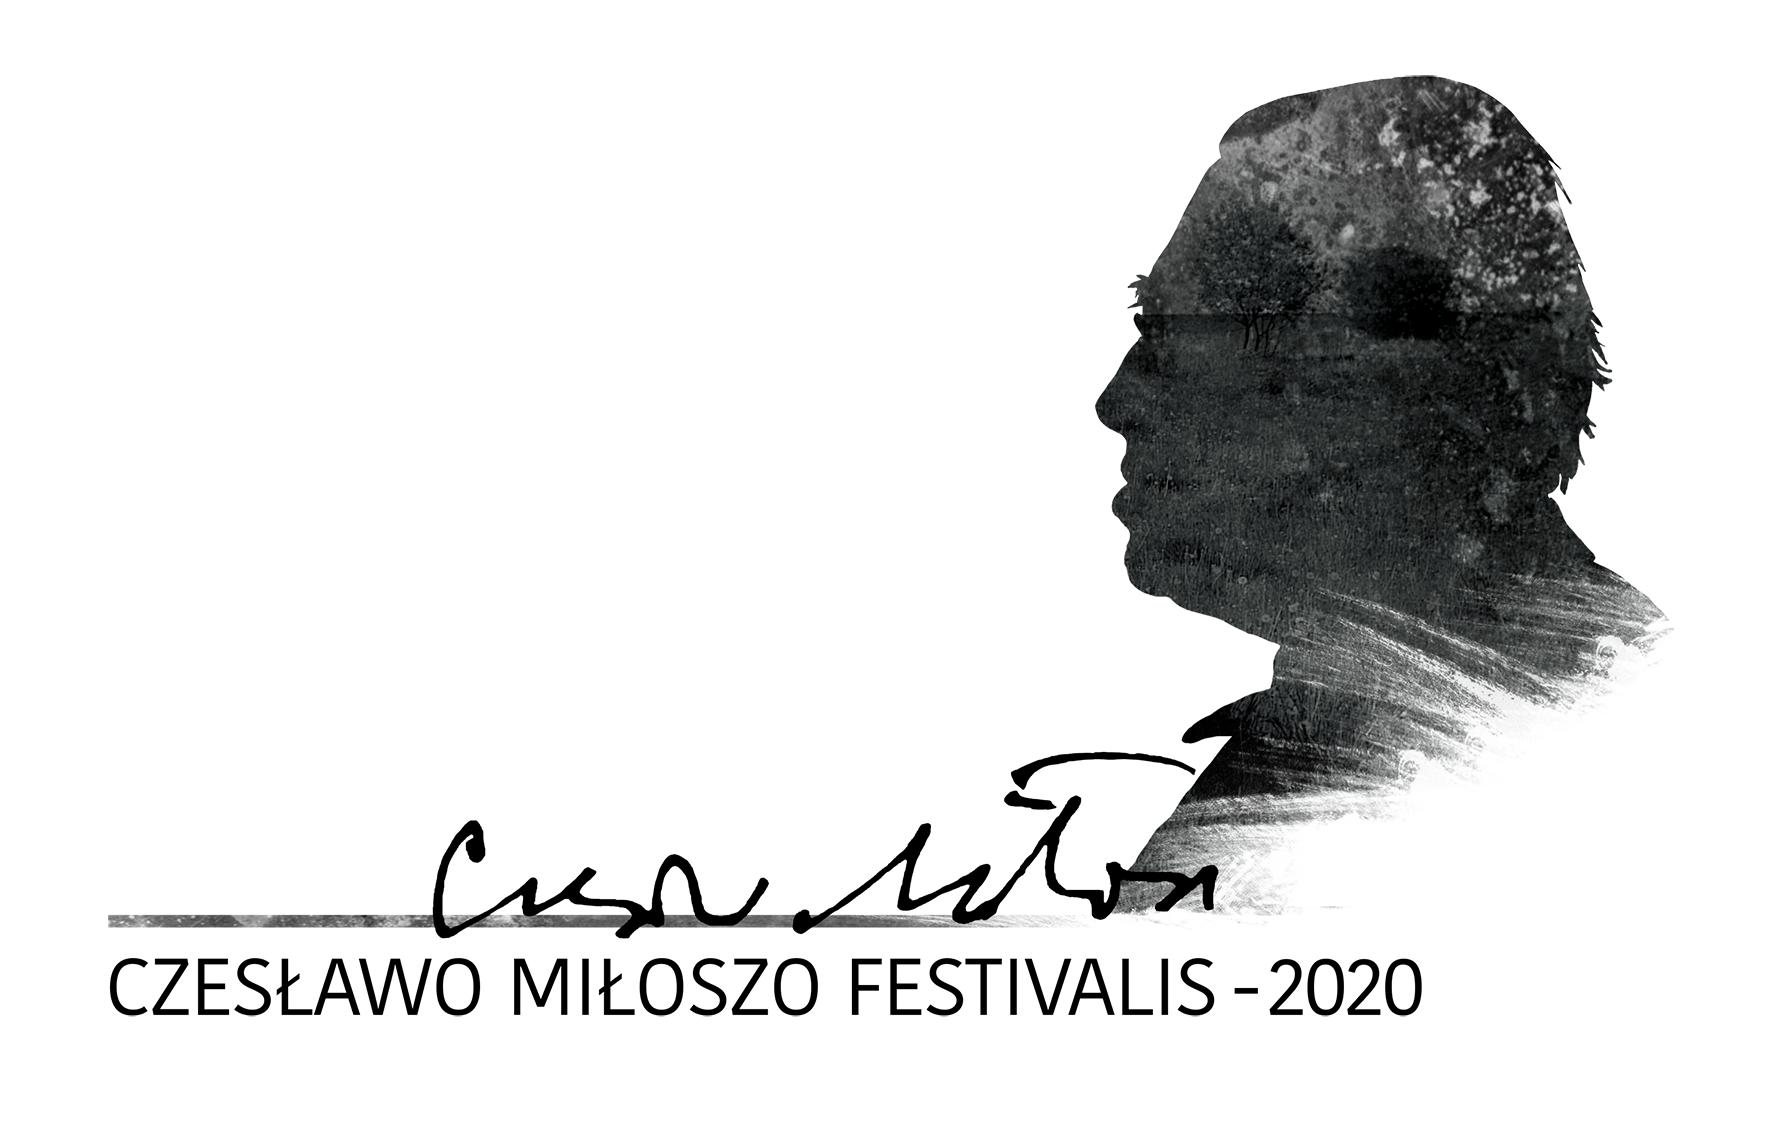 Czeslawo Miloszo festivalis 2020